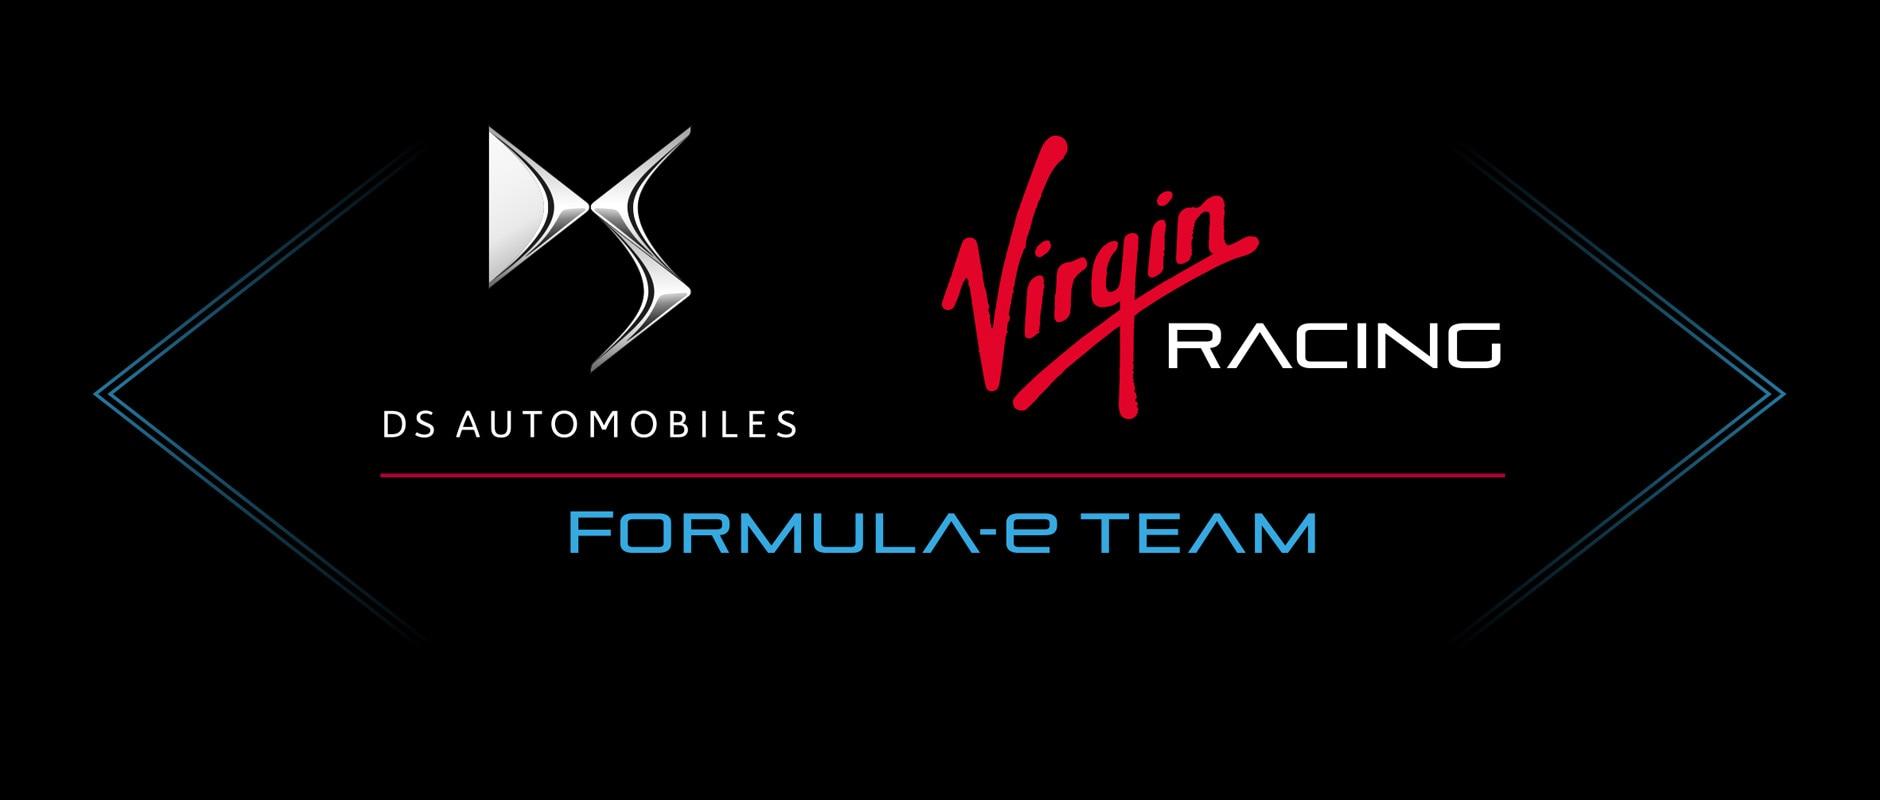 1880x800_DS_Virgin_Racing_4